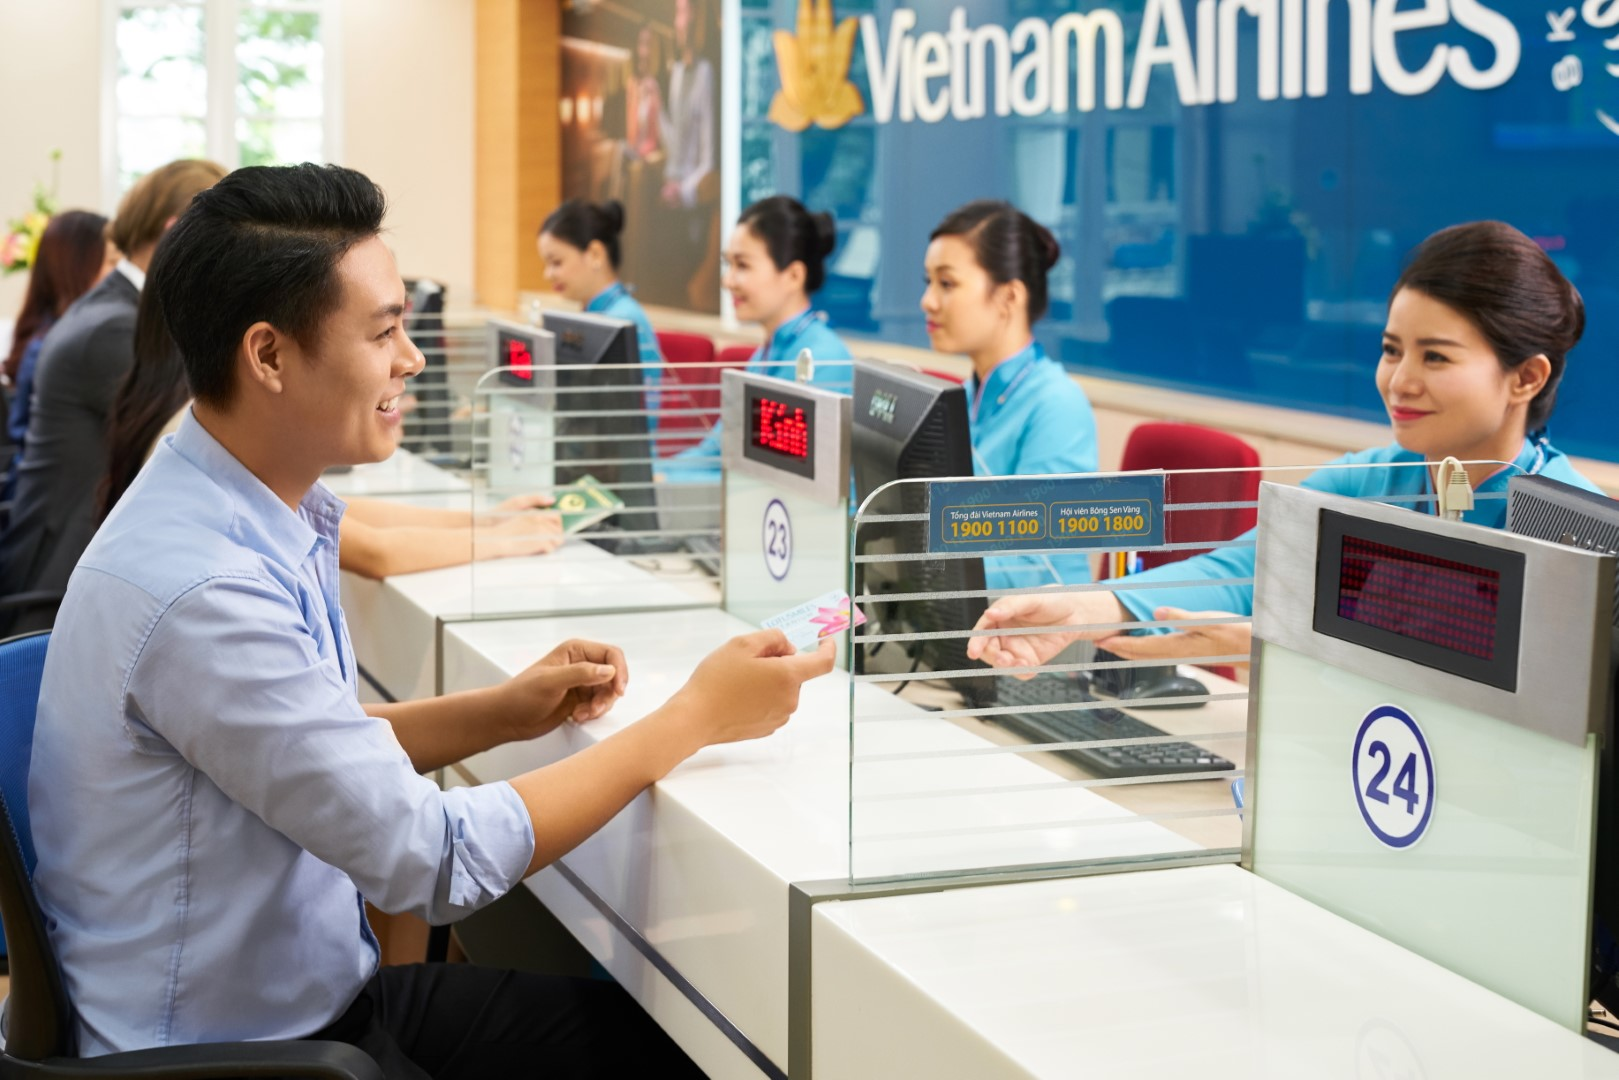 Quy định đổi hoàn hủy vé máy bay Vietnam Airlines